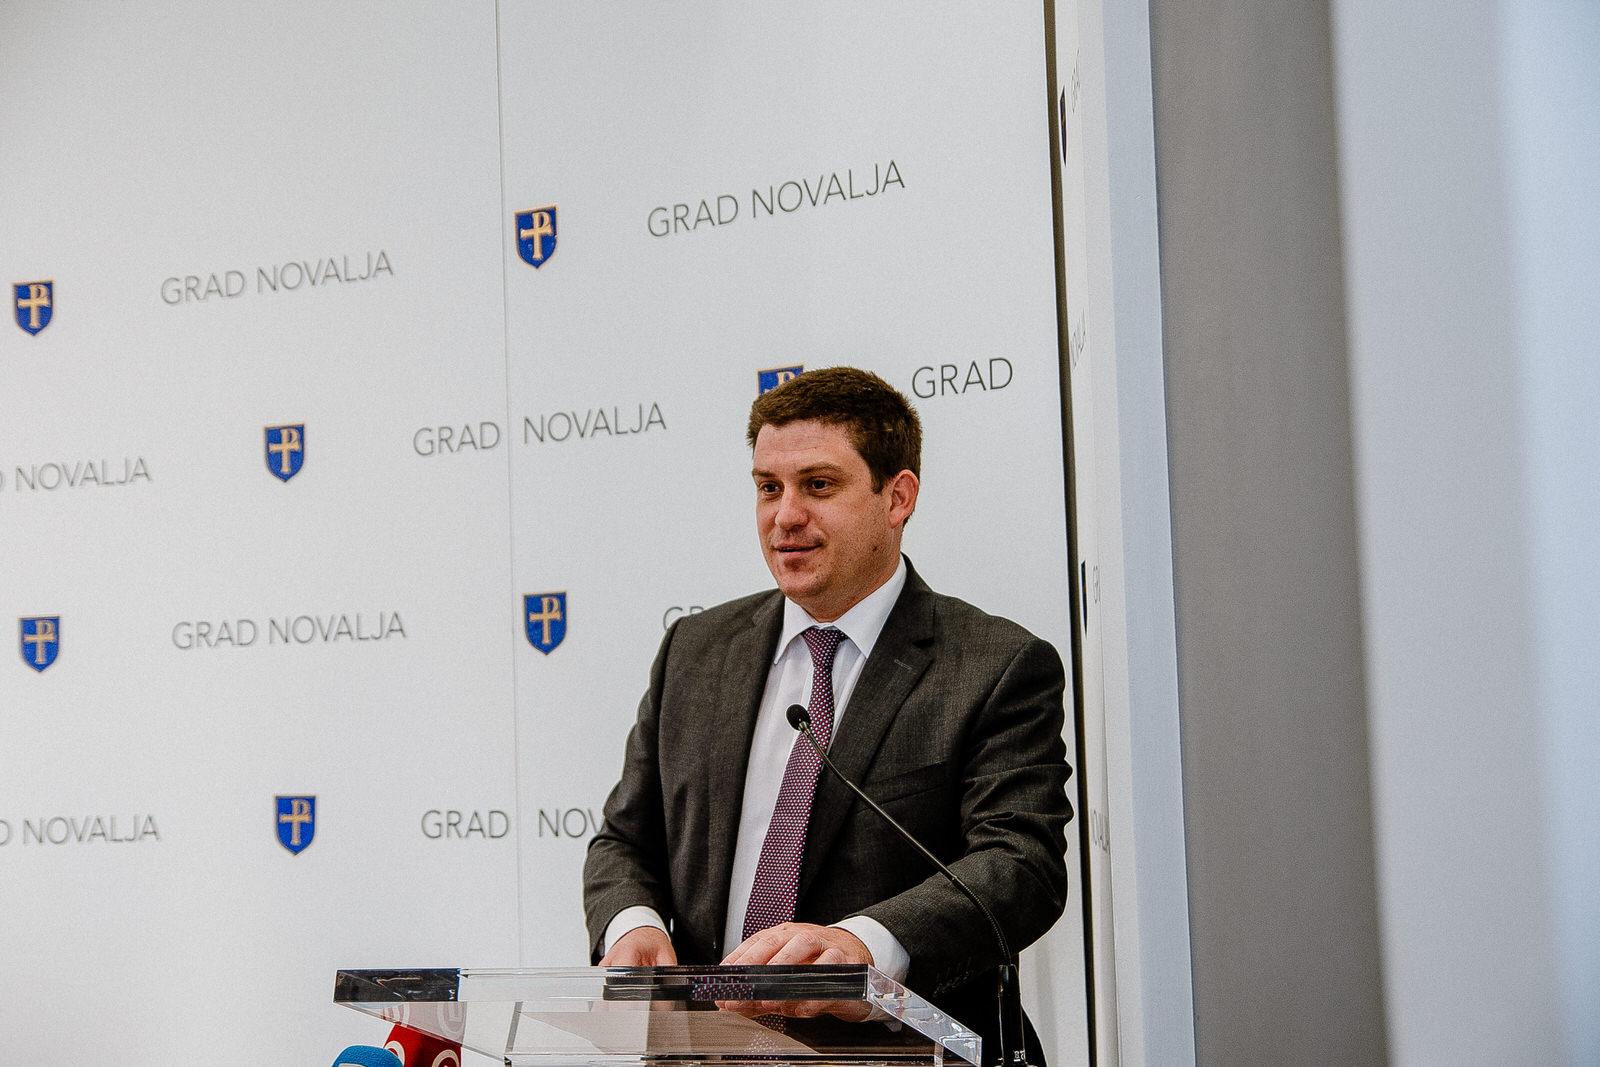 likaclub_novalja_potpisivanje-ugovora-žigljen_2019-16